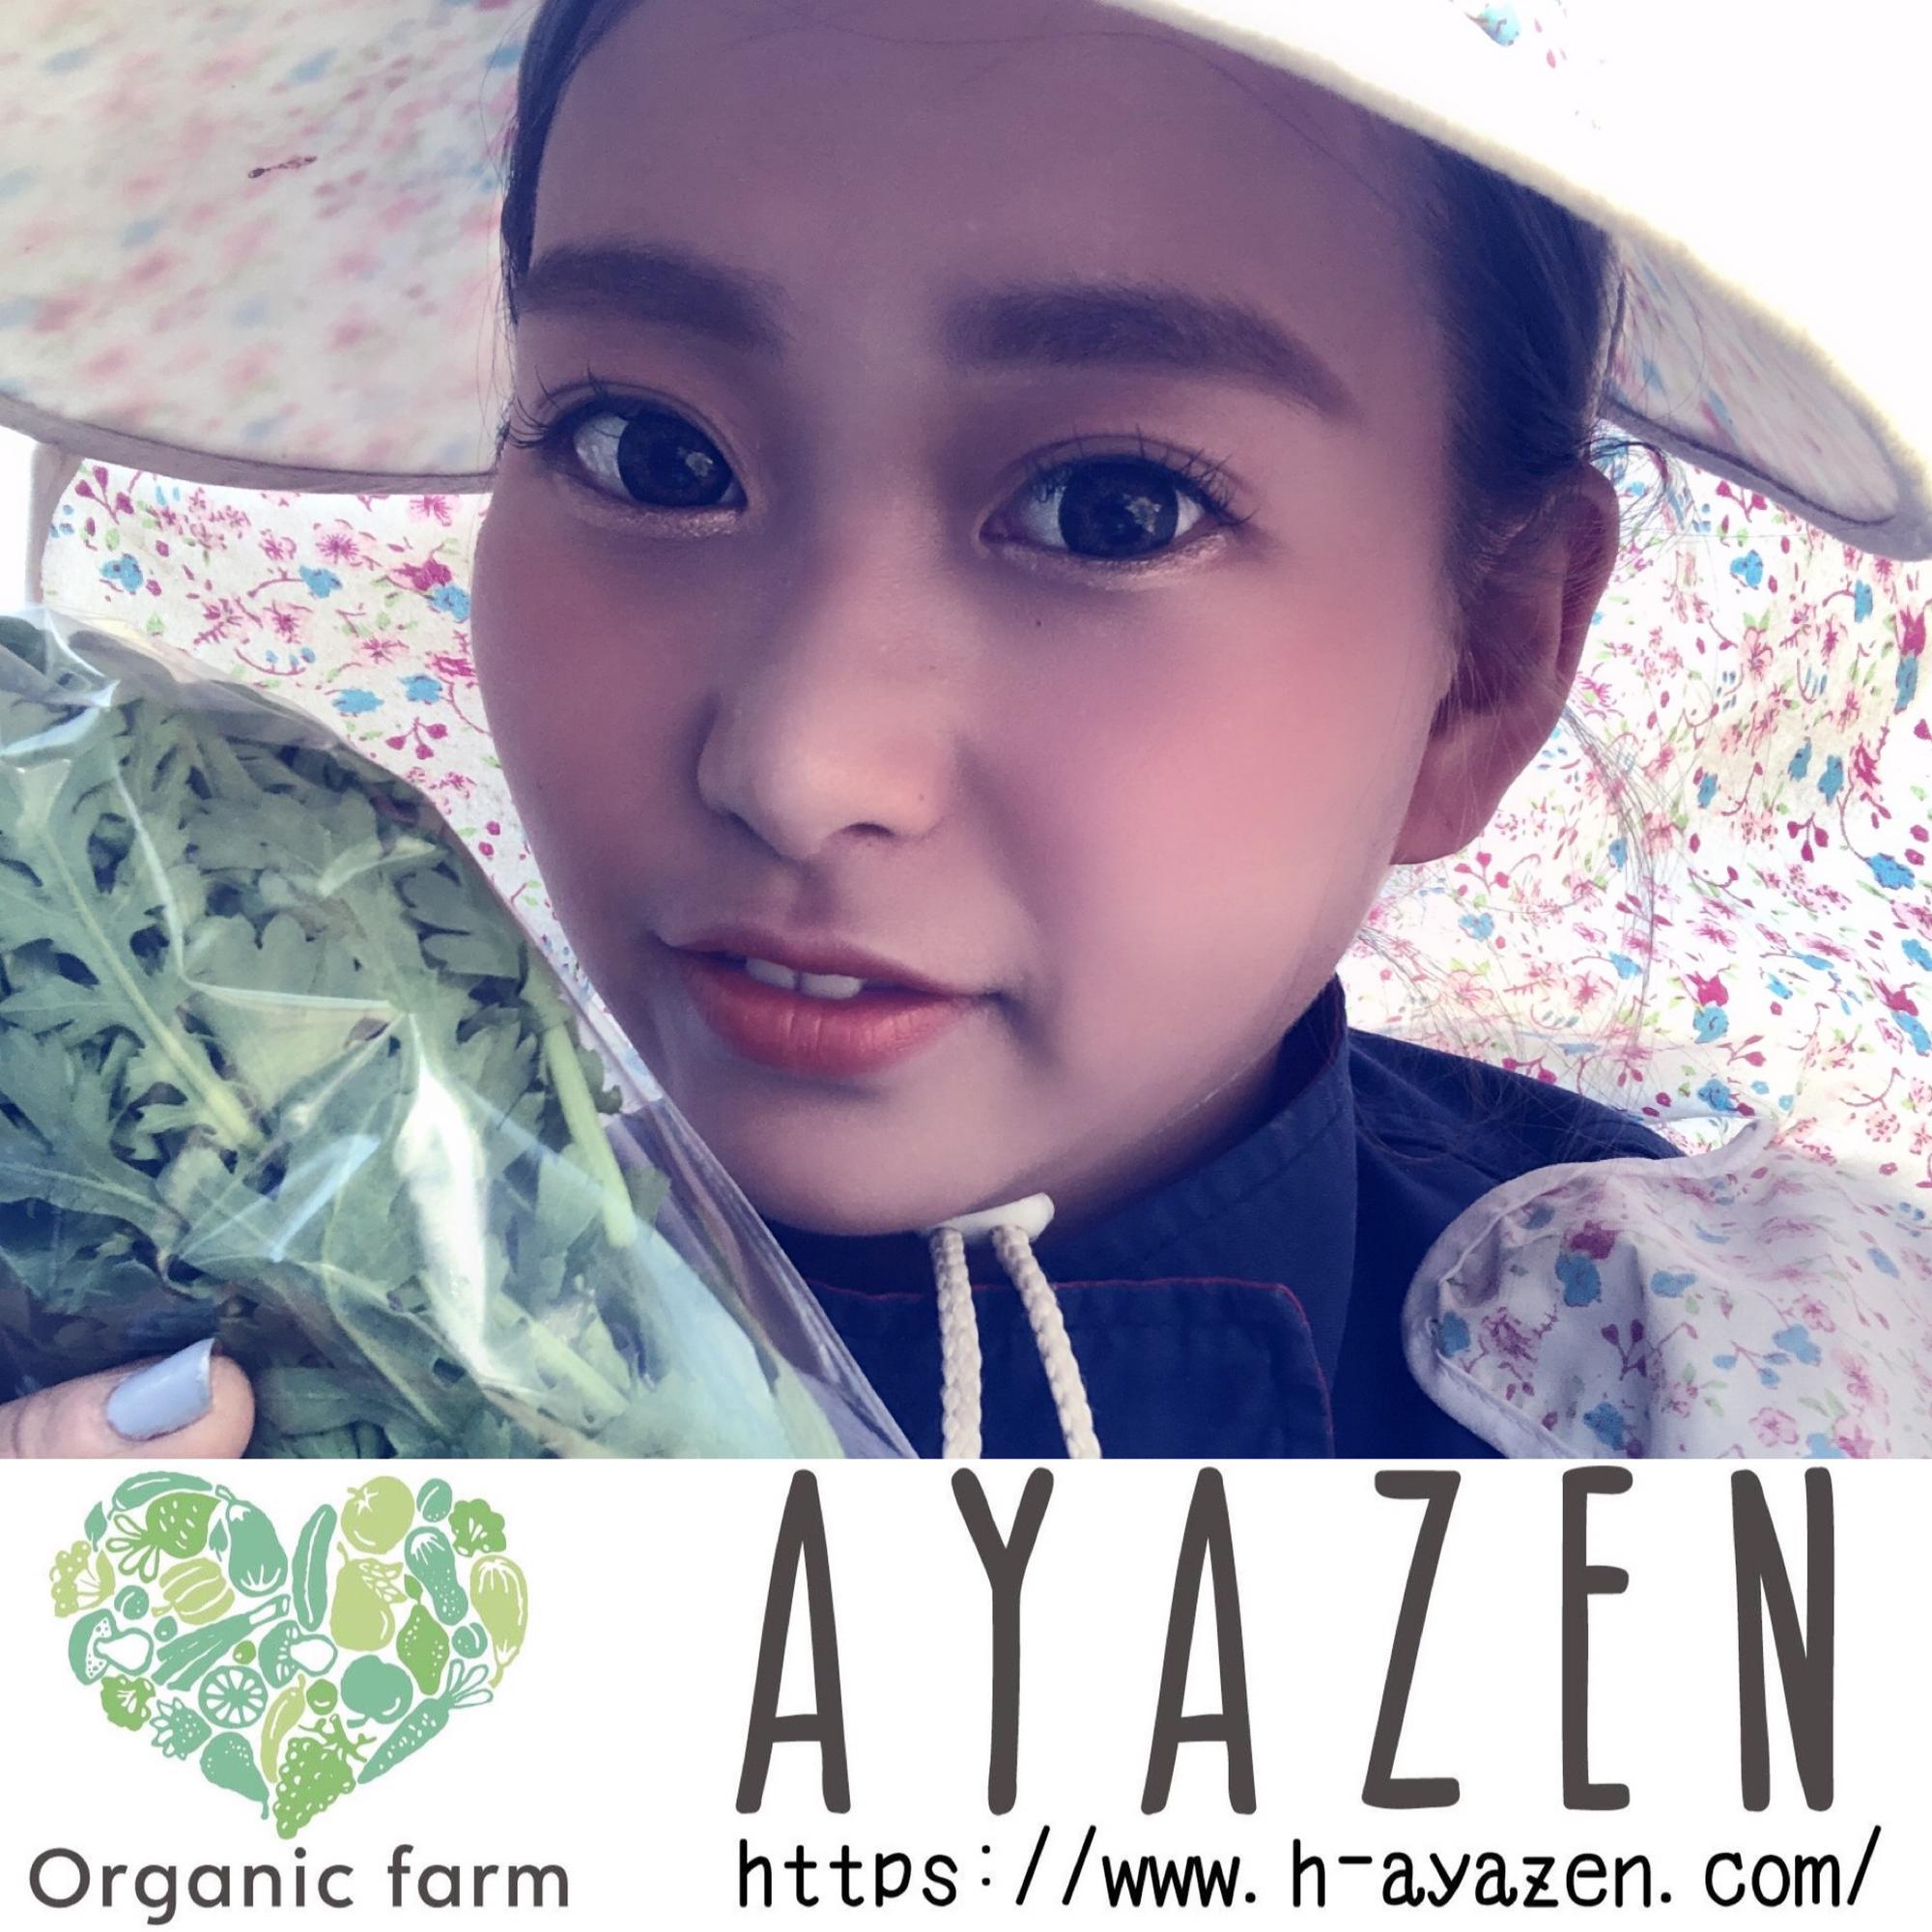 無農薬野菜の綾善farm【農家直送】